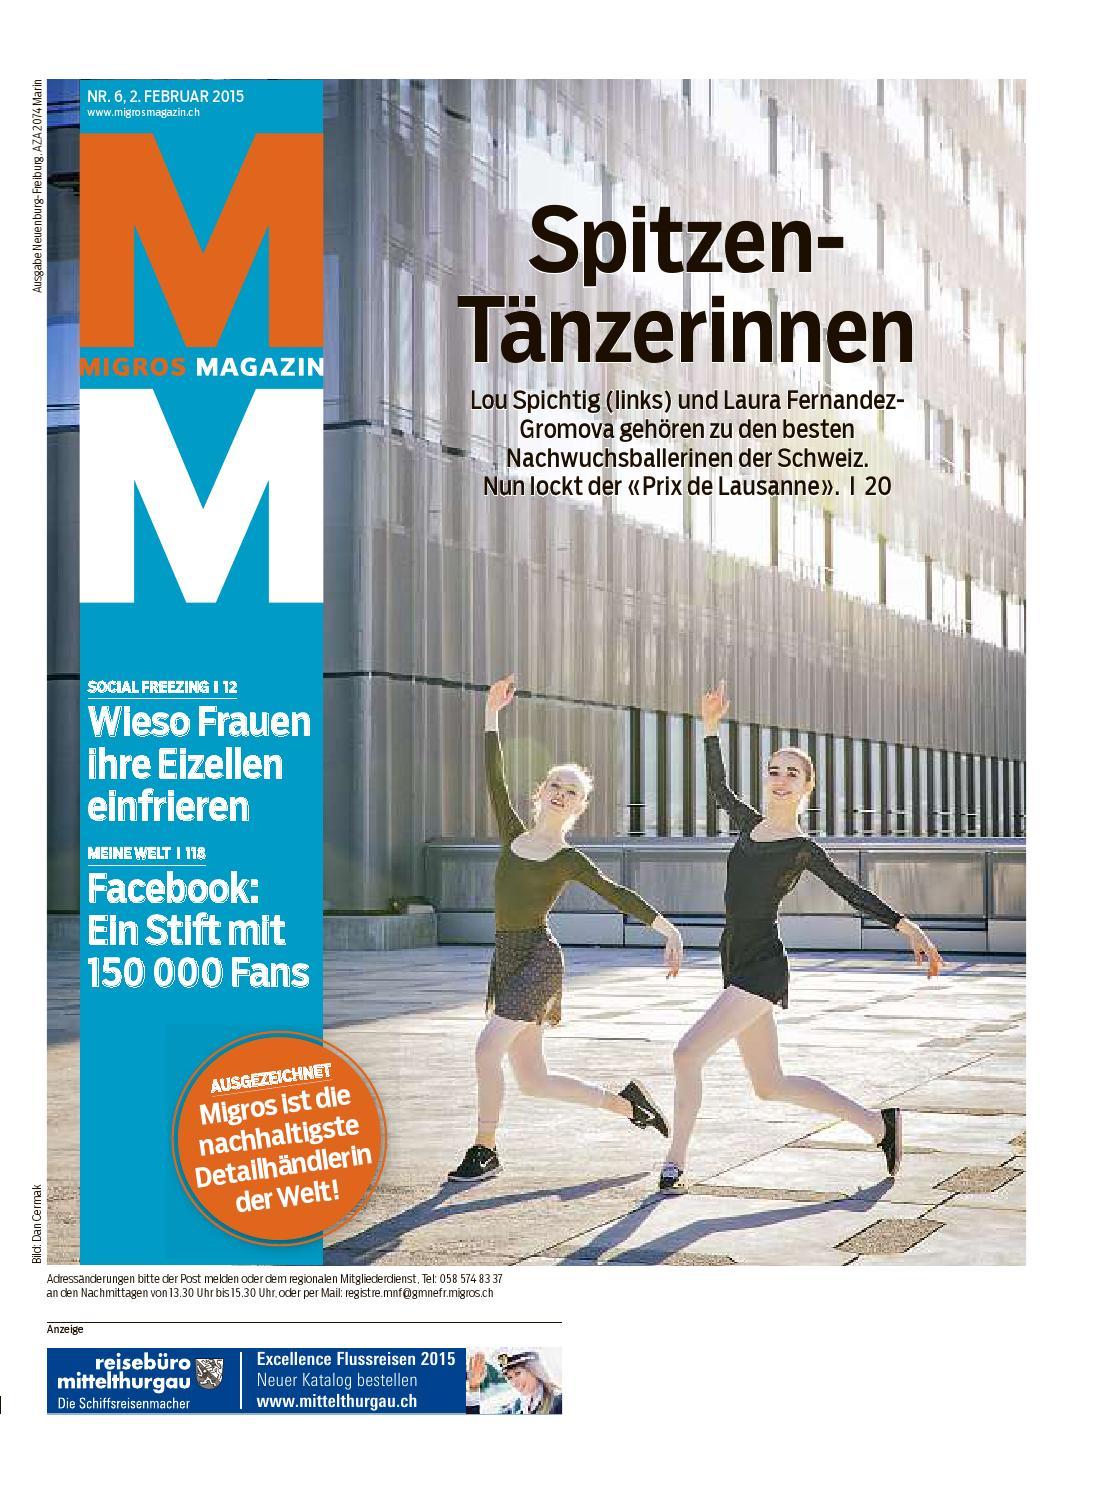 Migros magazin 06 2015 d ne by Migros-Genossenschafts-Bund - issuu